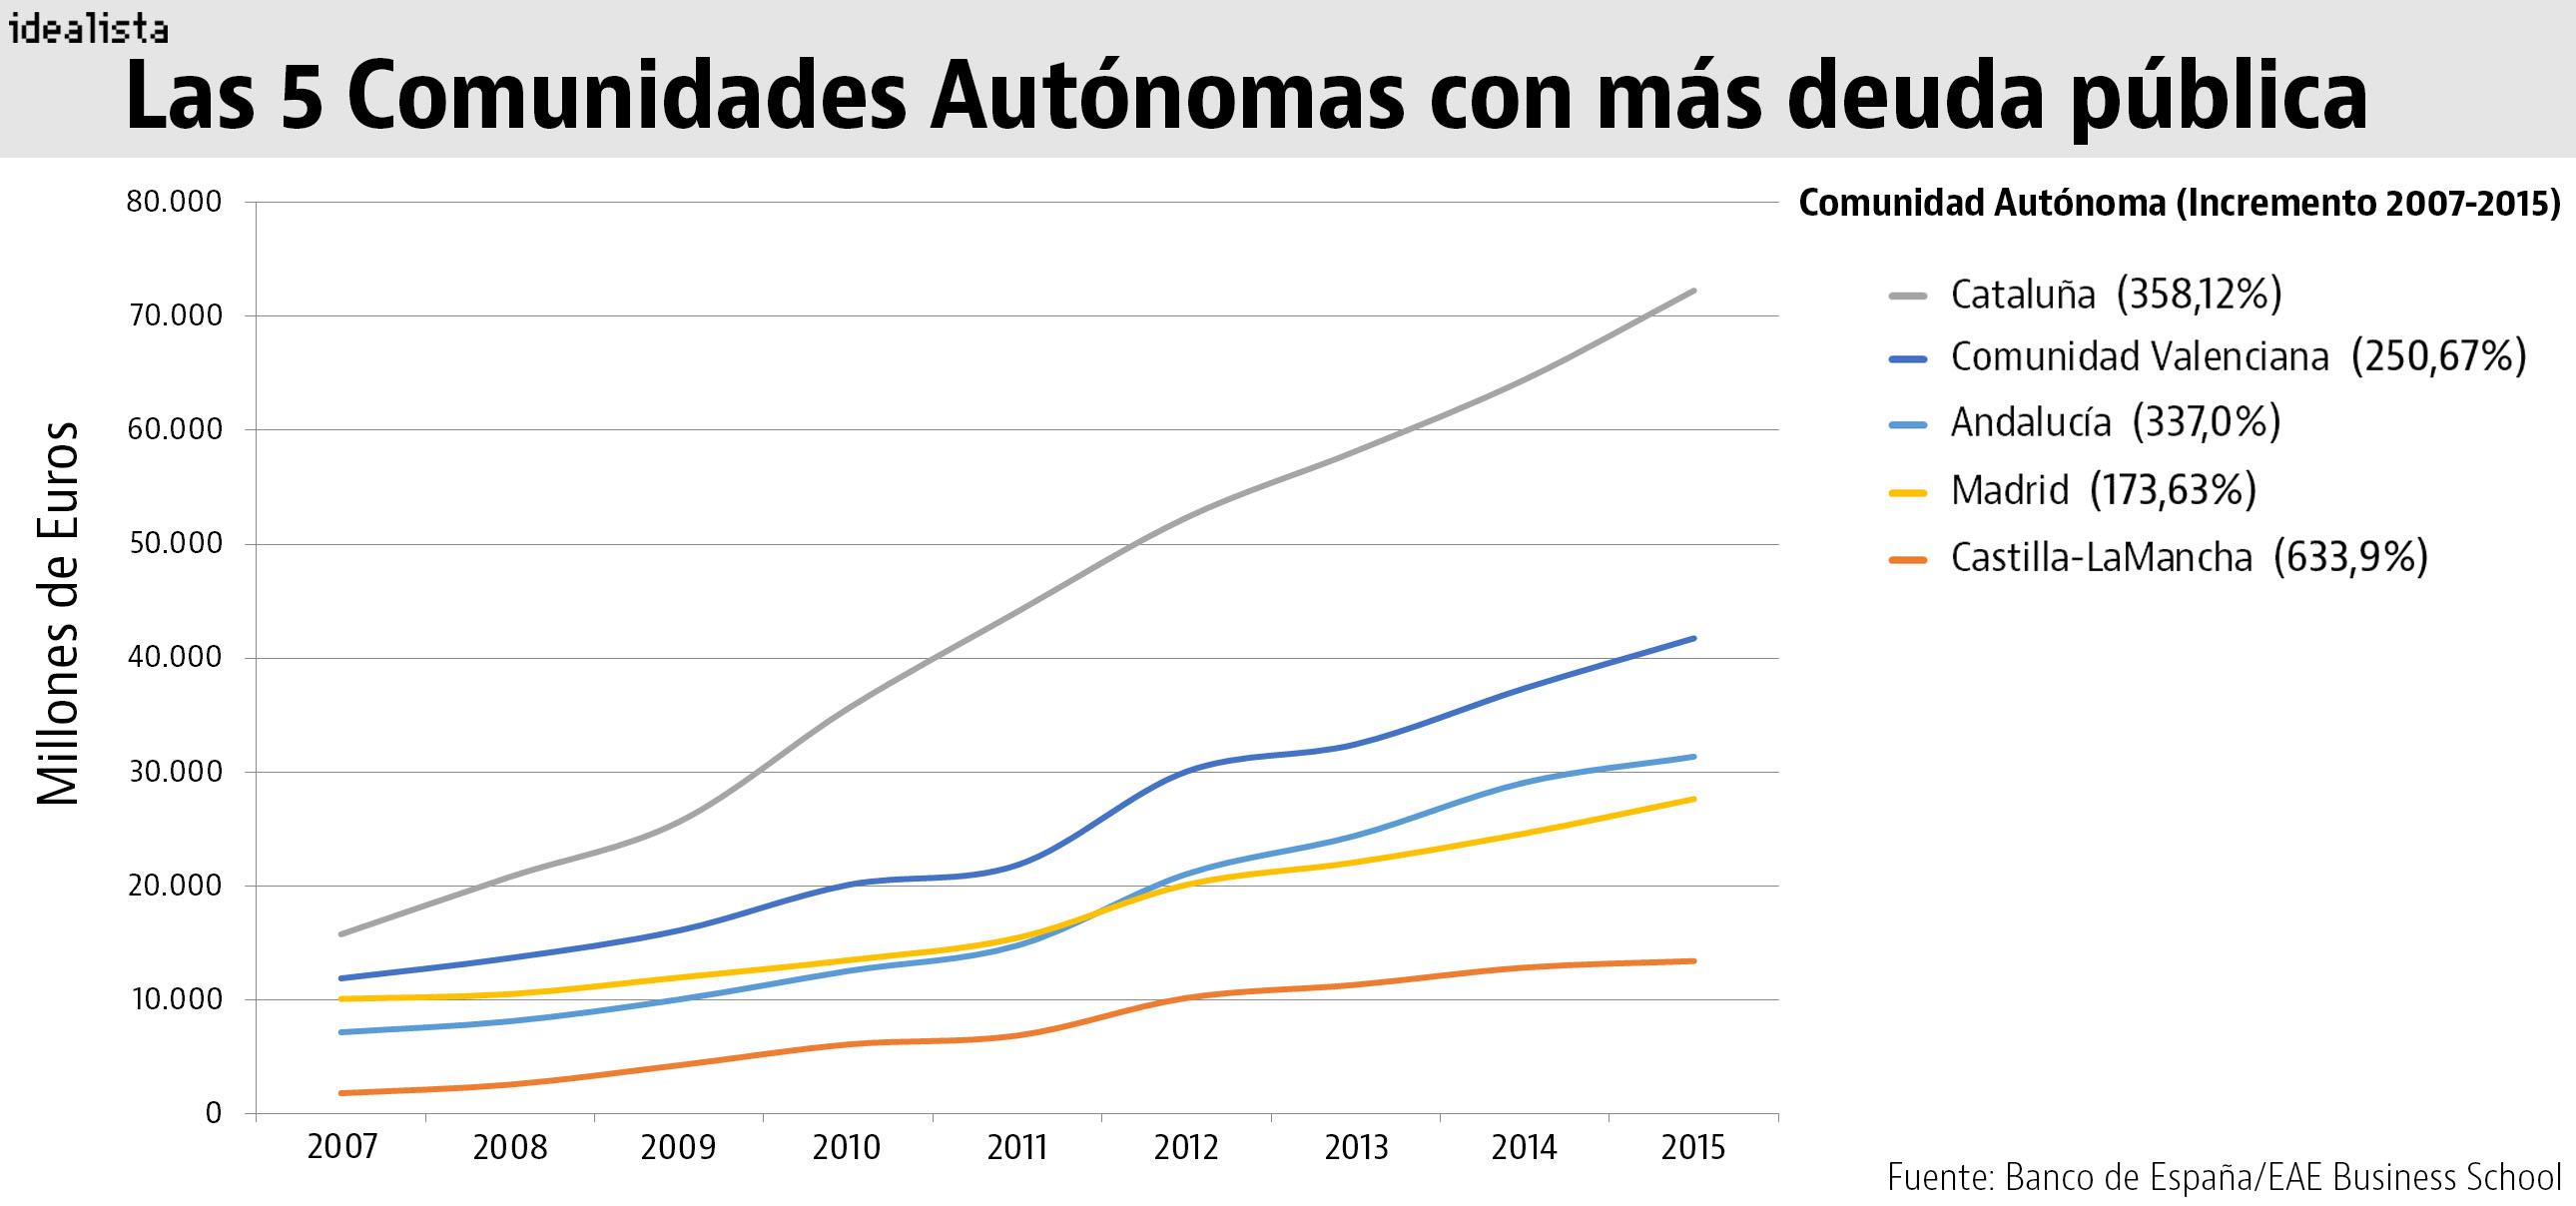 El mito de la deuda de Madrid: Cataluña debe casi el triple y los zaragozanos son los más endeudados